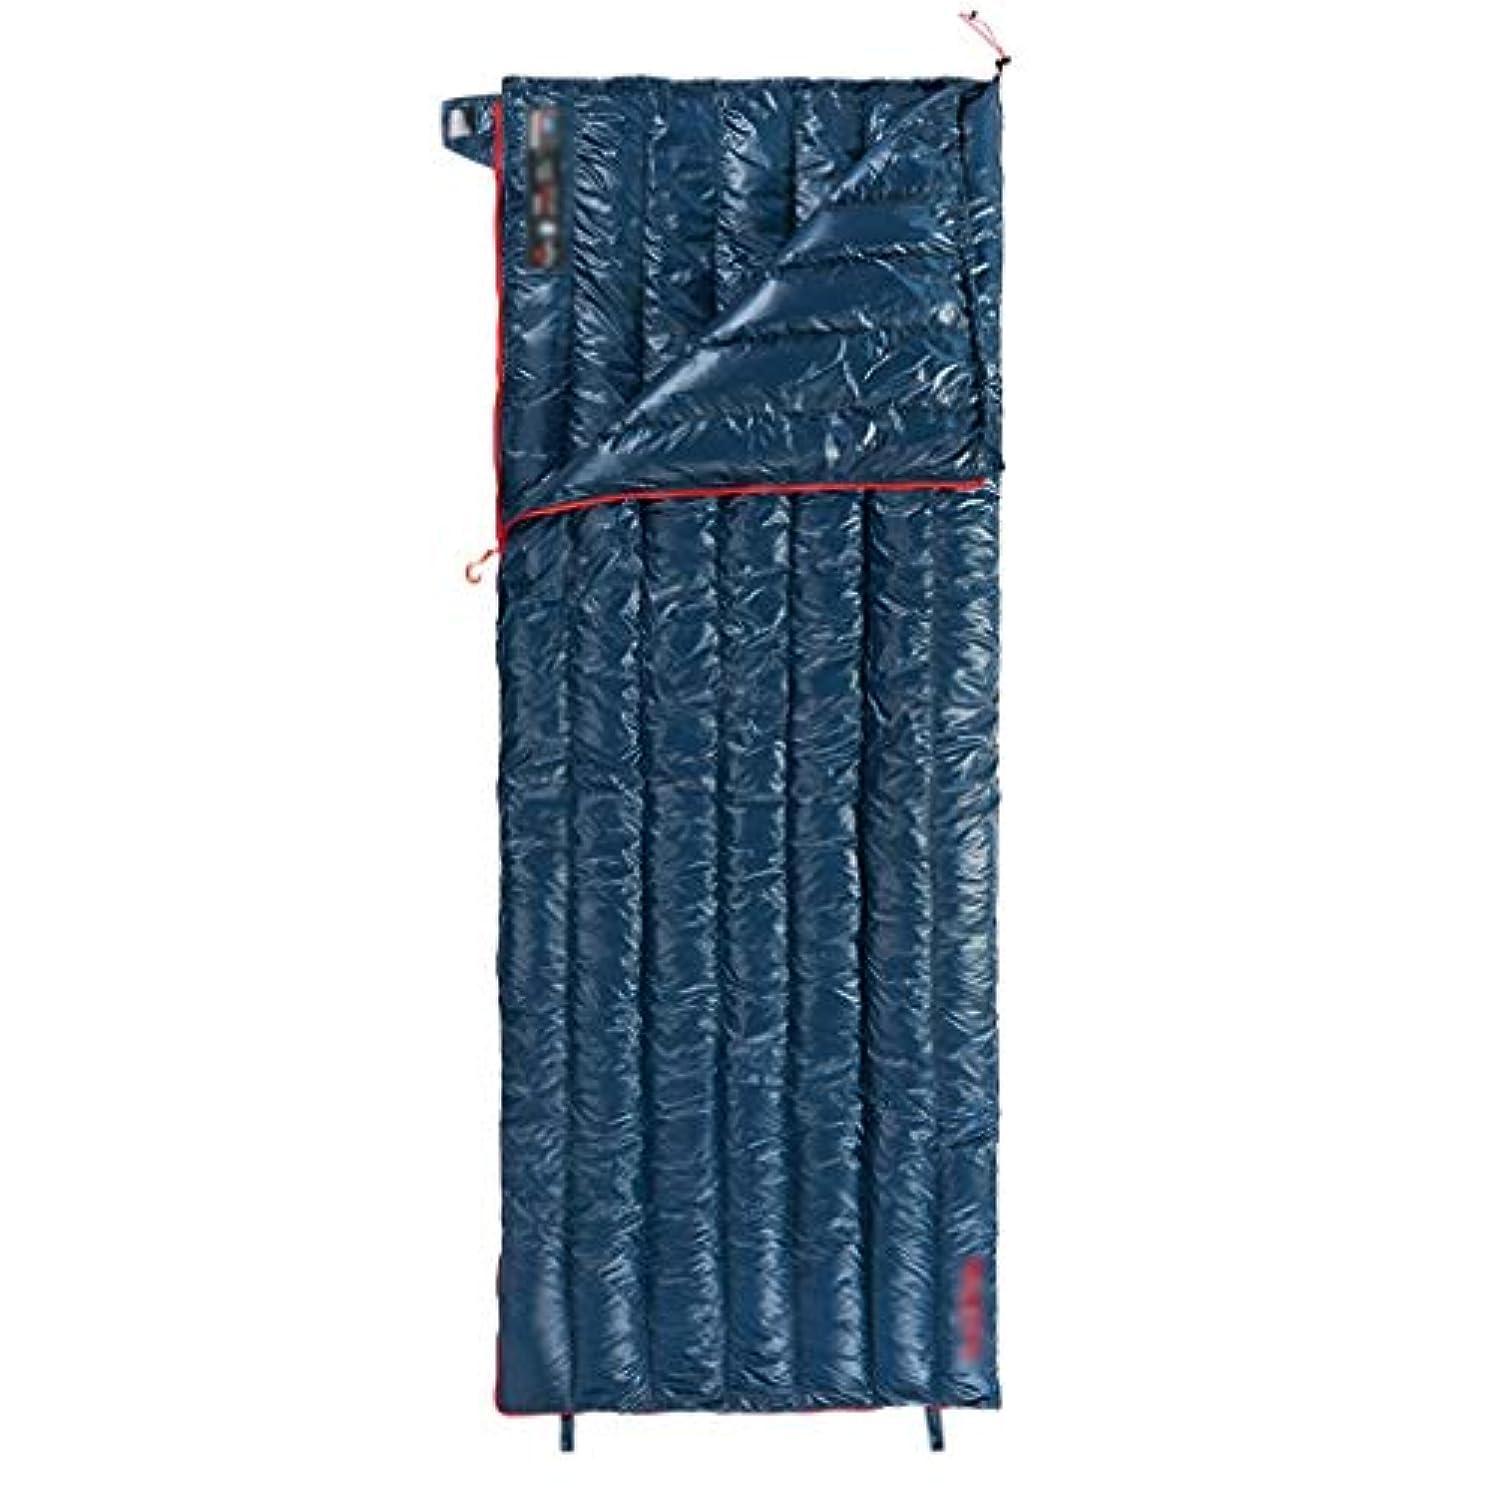 寝袋キャンプ用寝袋大人用寝袋ダウン寝袋屋外超軽量屋内用キャンプ寝袋キャンプ冬暖かい大人用寝袋はスプライシング可能(グースダウン95%含む) (Color : BLUE, Size : 200*80CM)